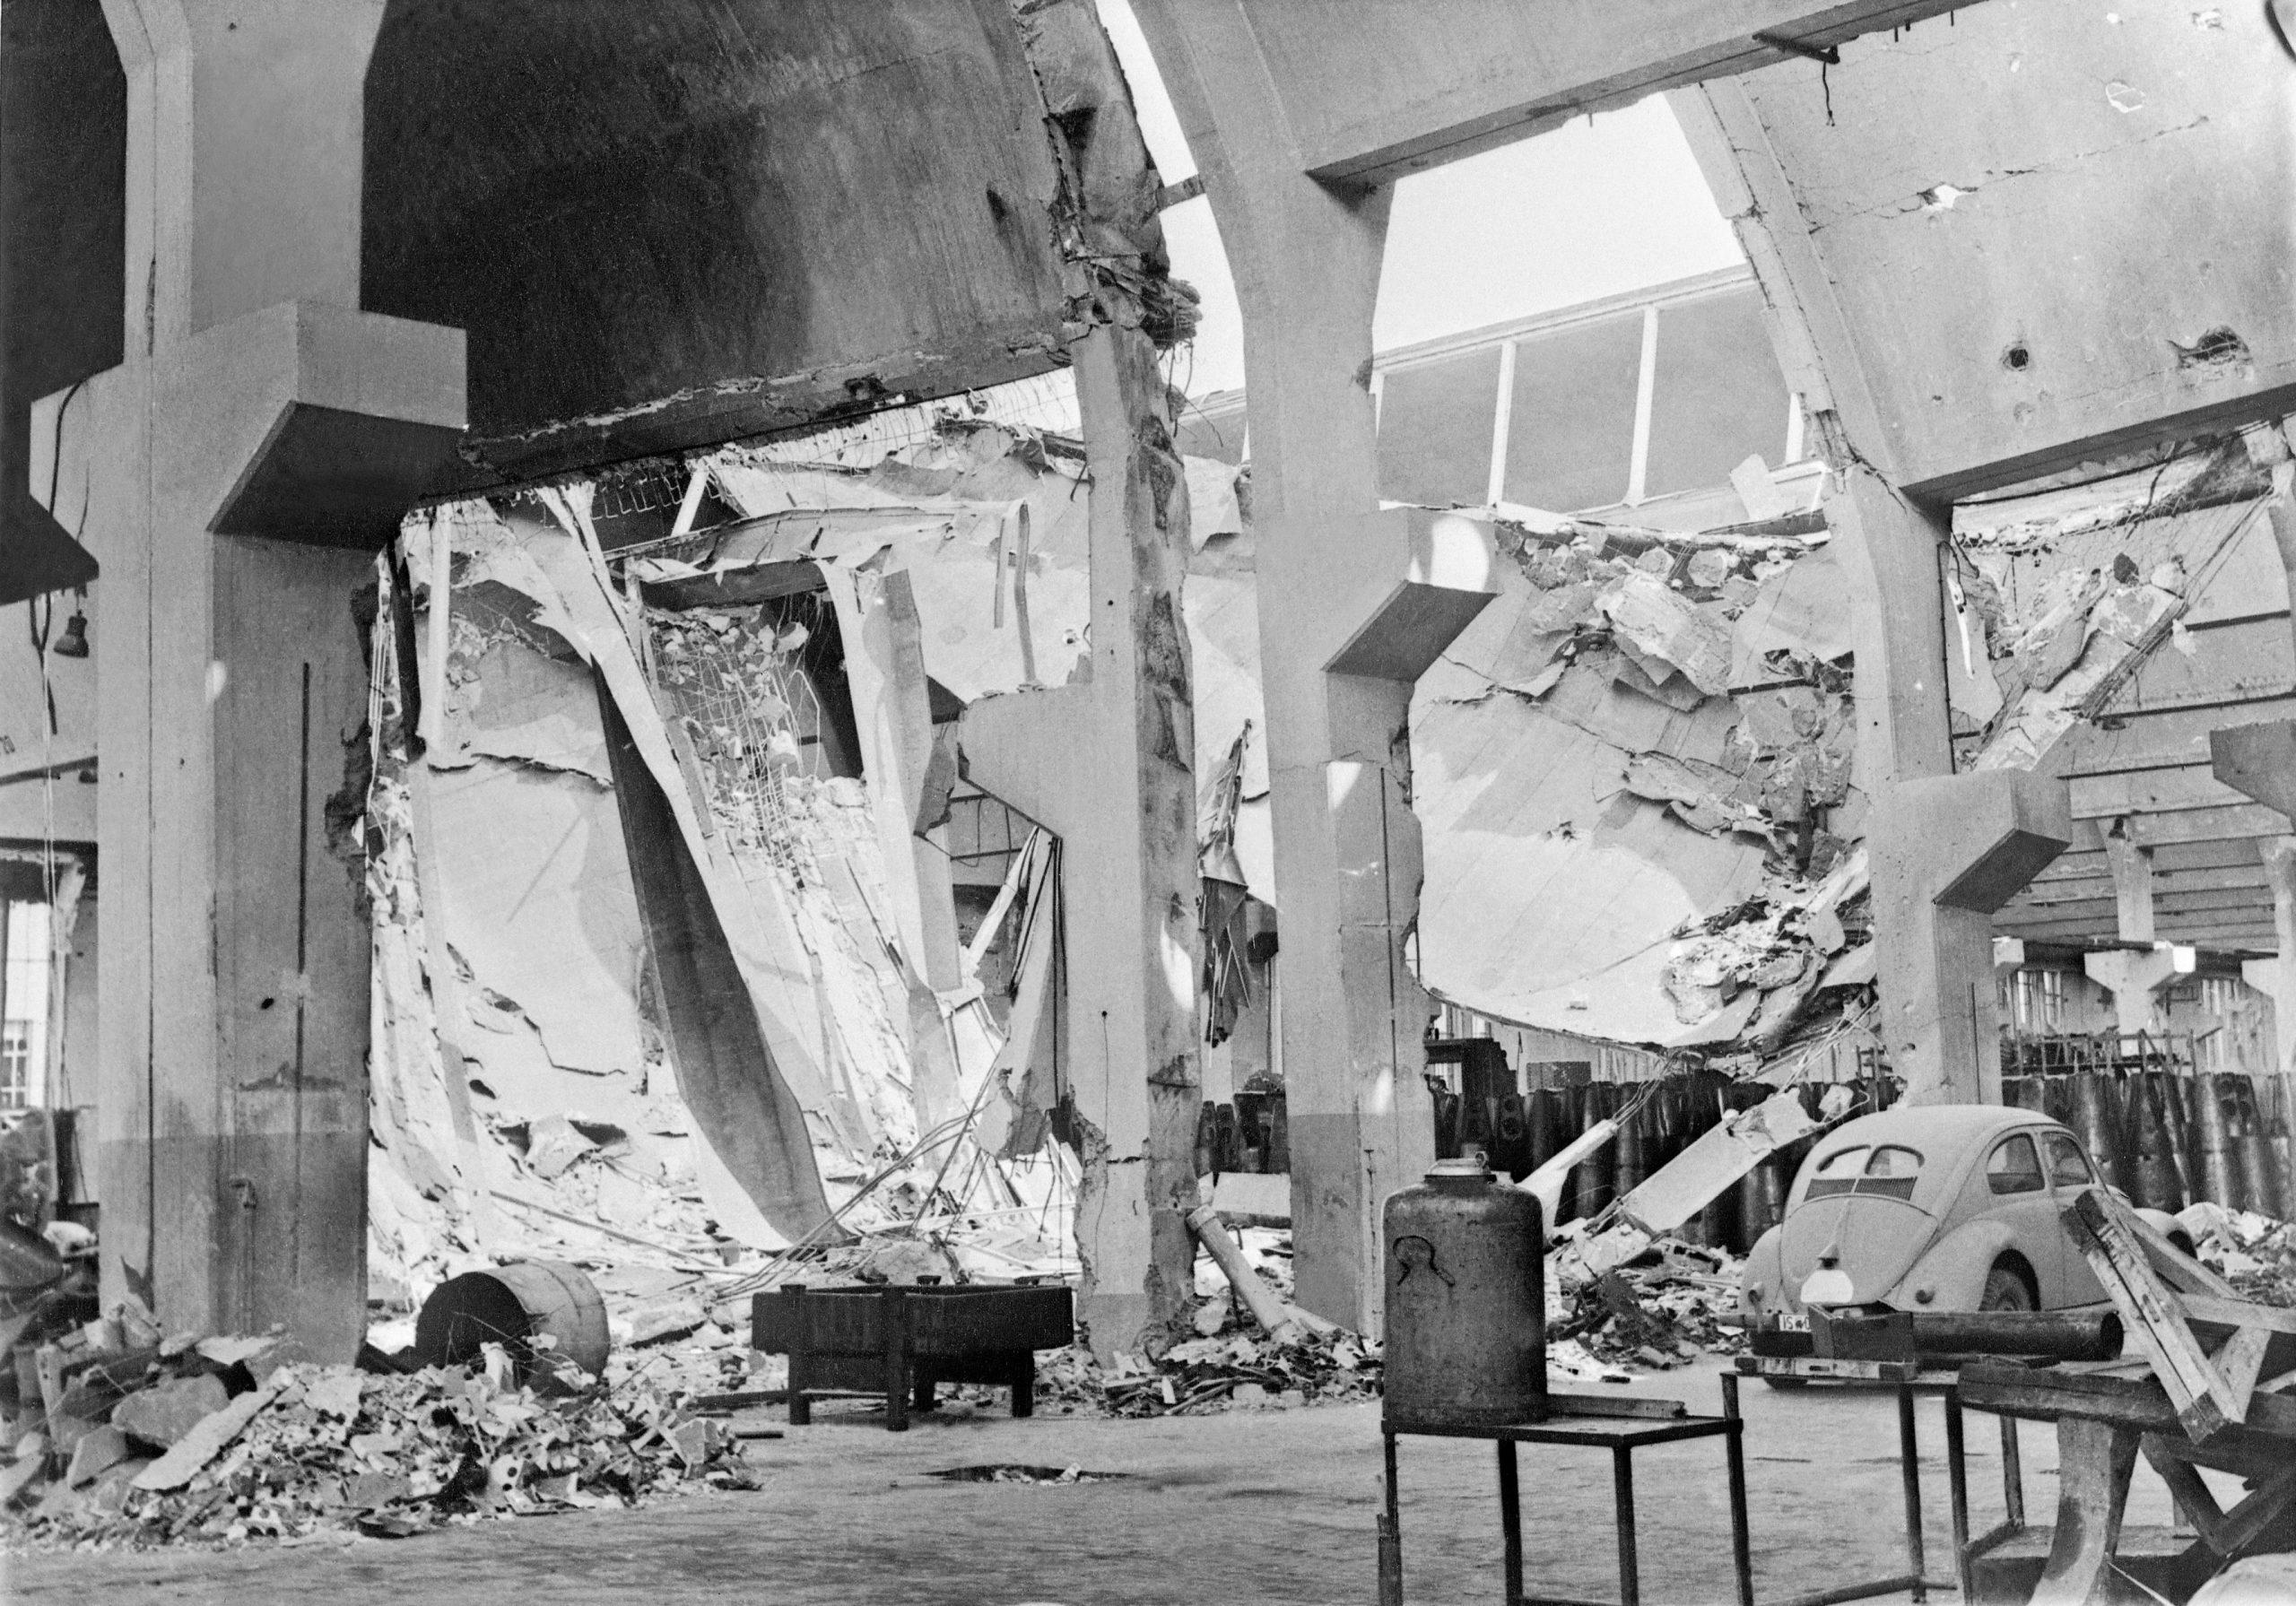 British take over Volkswagen 1945 - Destroyed by war